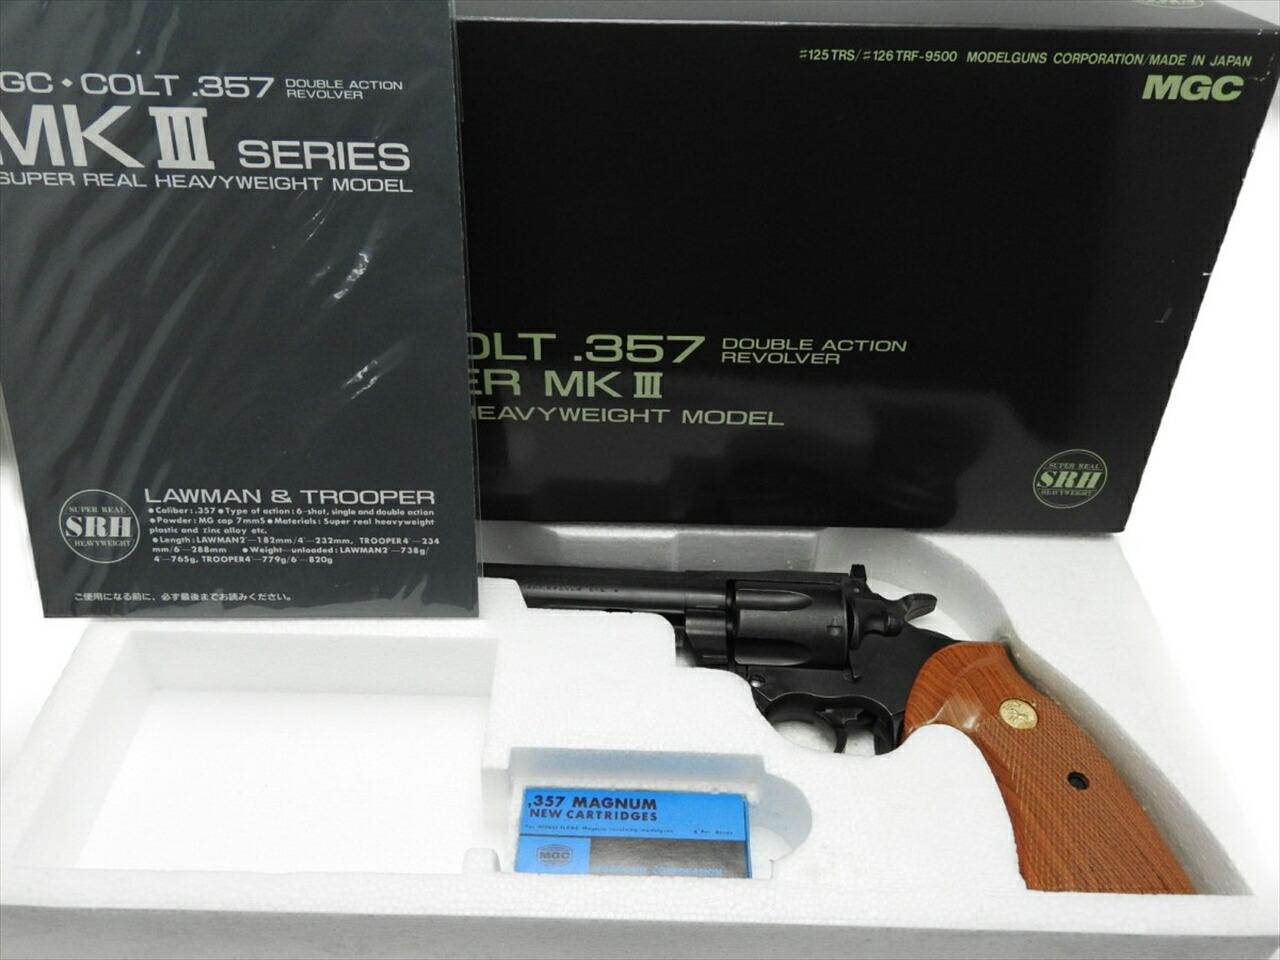 中古 MGC コルト トルーパー MK3 リボルバー 6インチ .357マグナム 未発火 モデルガン カートリッジ6発付 HW